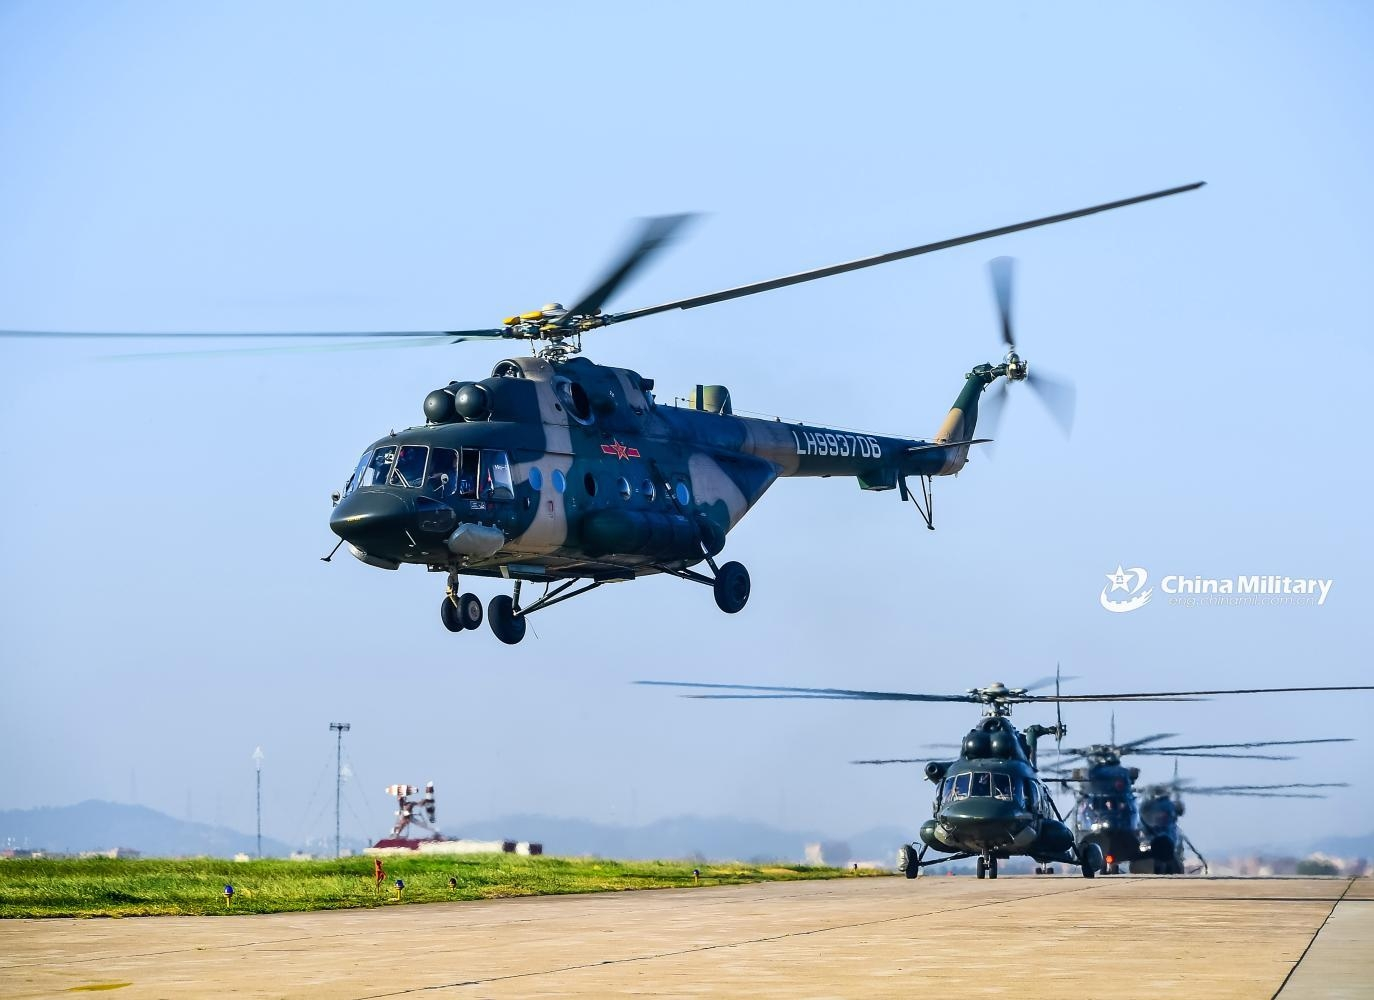 陆航米171直升机增加了一新设备,看似普通,战时非常重要